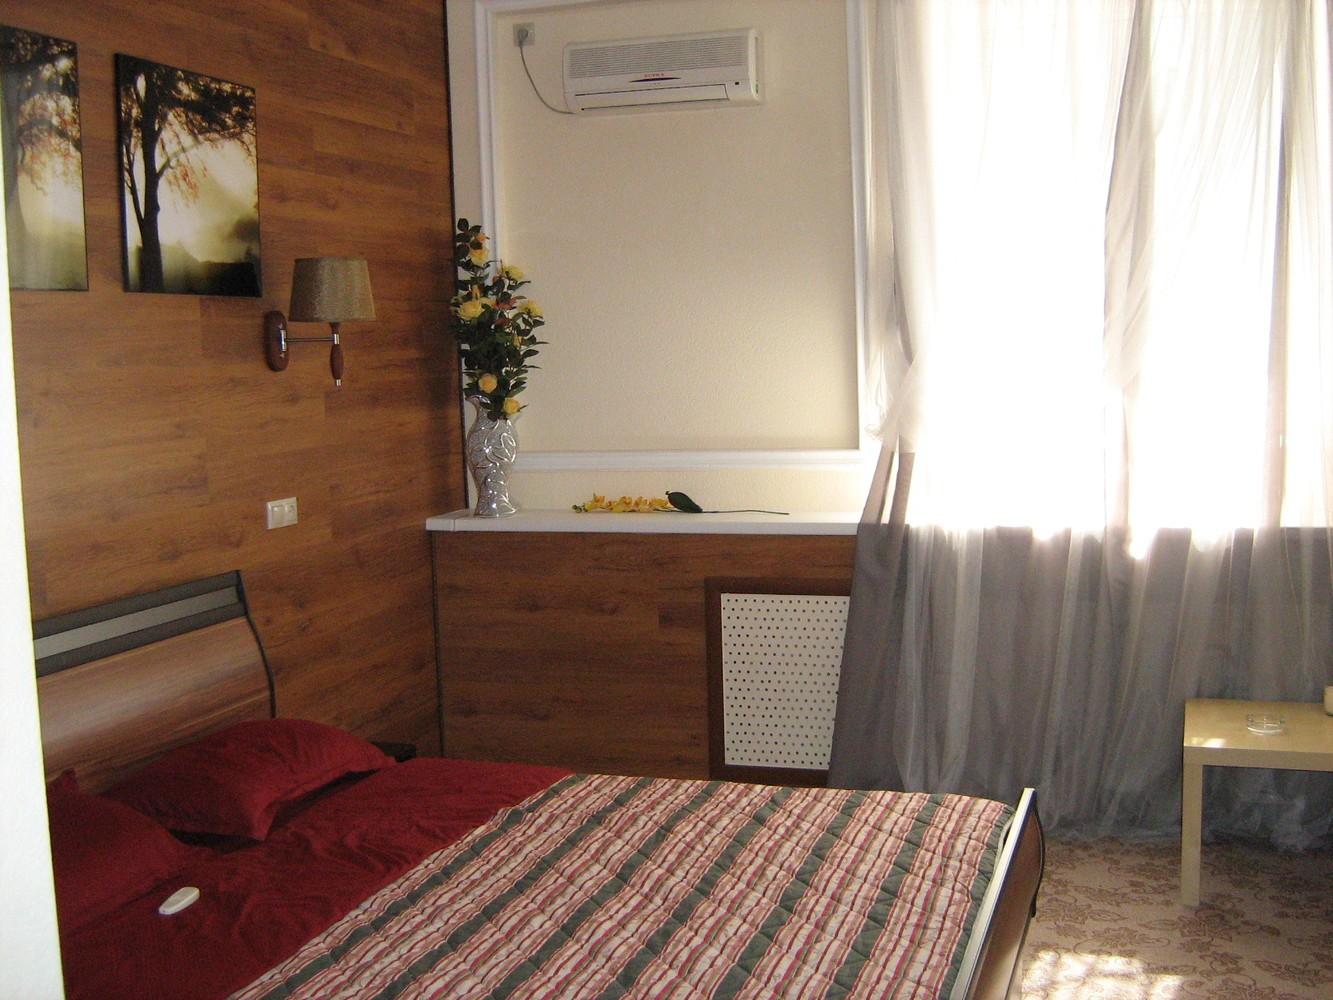 Сфера, гостиничный комплекс - №15